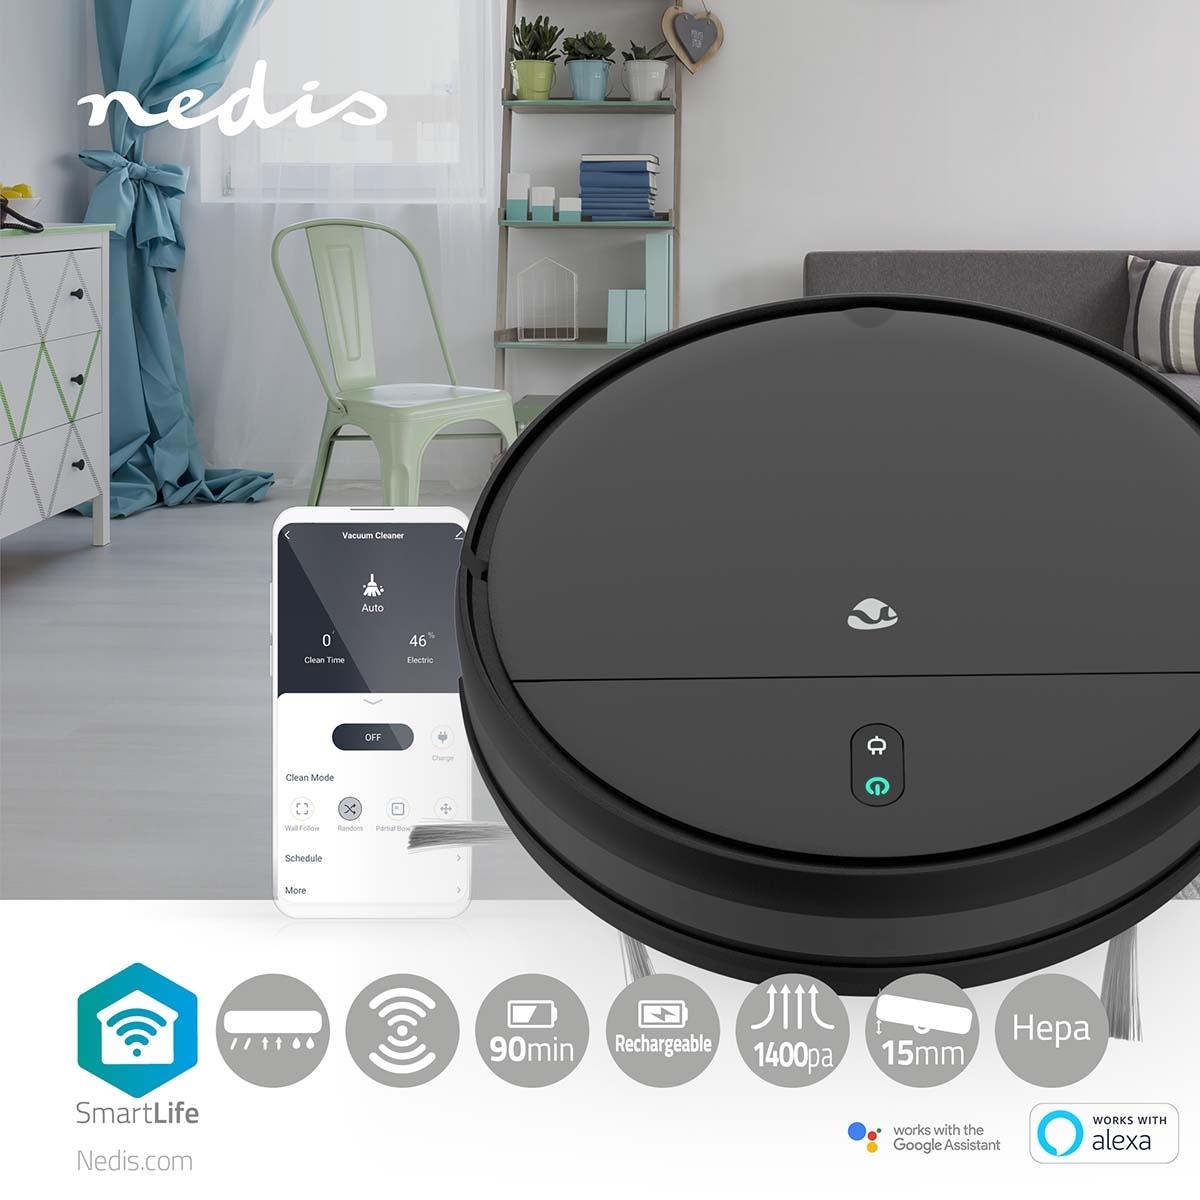 Nedis Robot Vacuum Cleaner